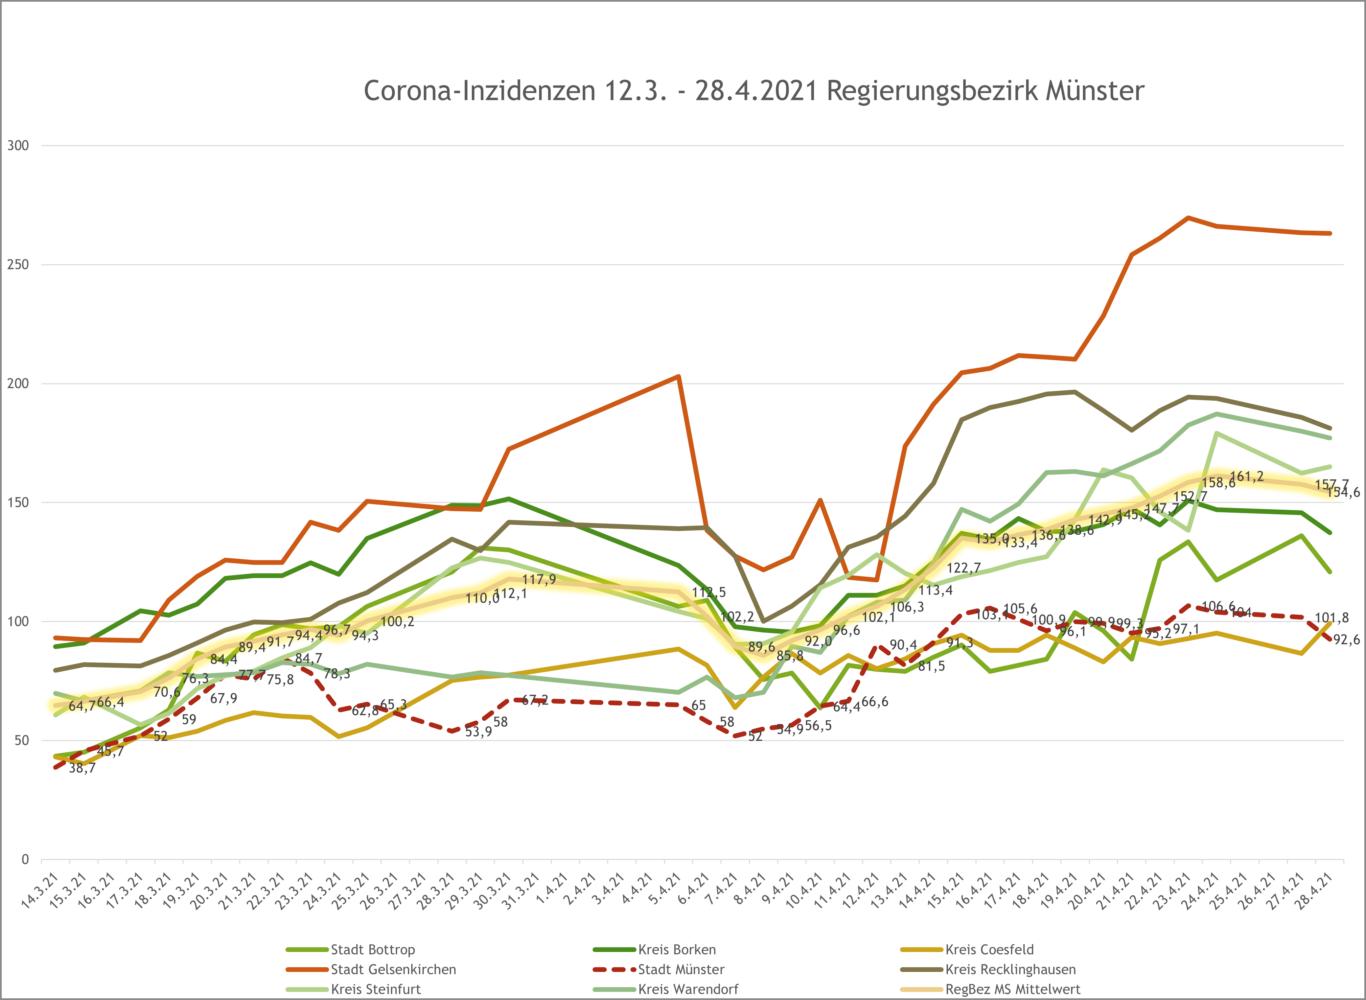 7-Tage-Inzidenzen im Regierungsbezirk Münster bis 28.4.2021 - Verlauf